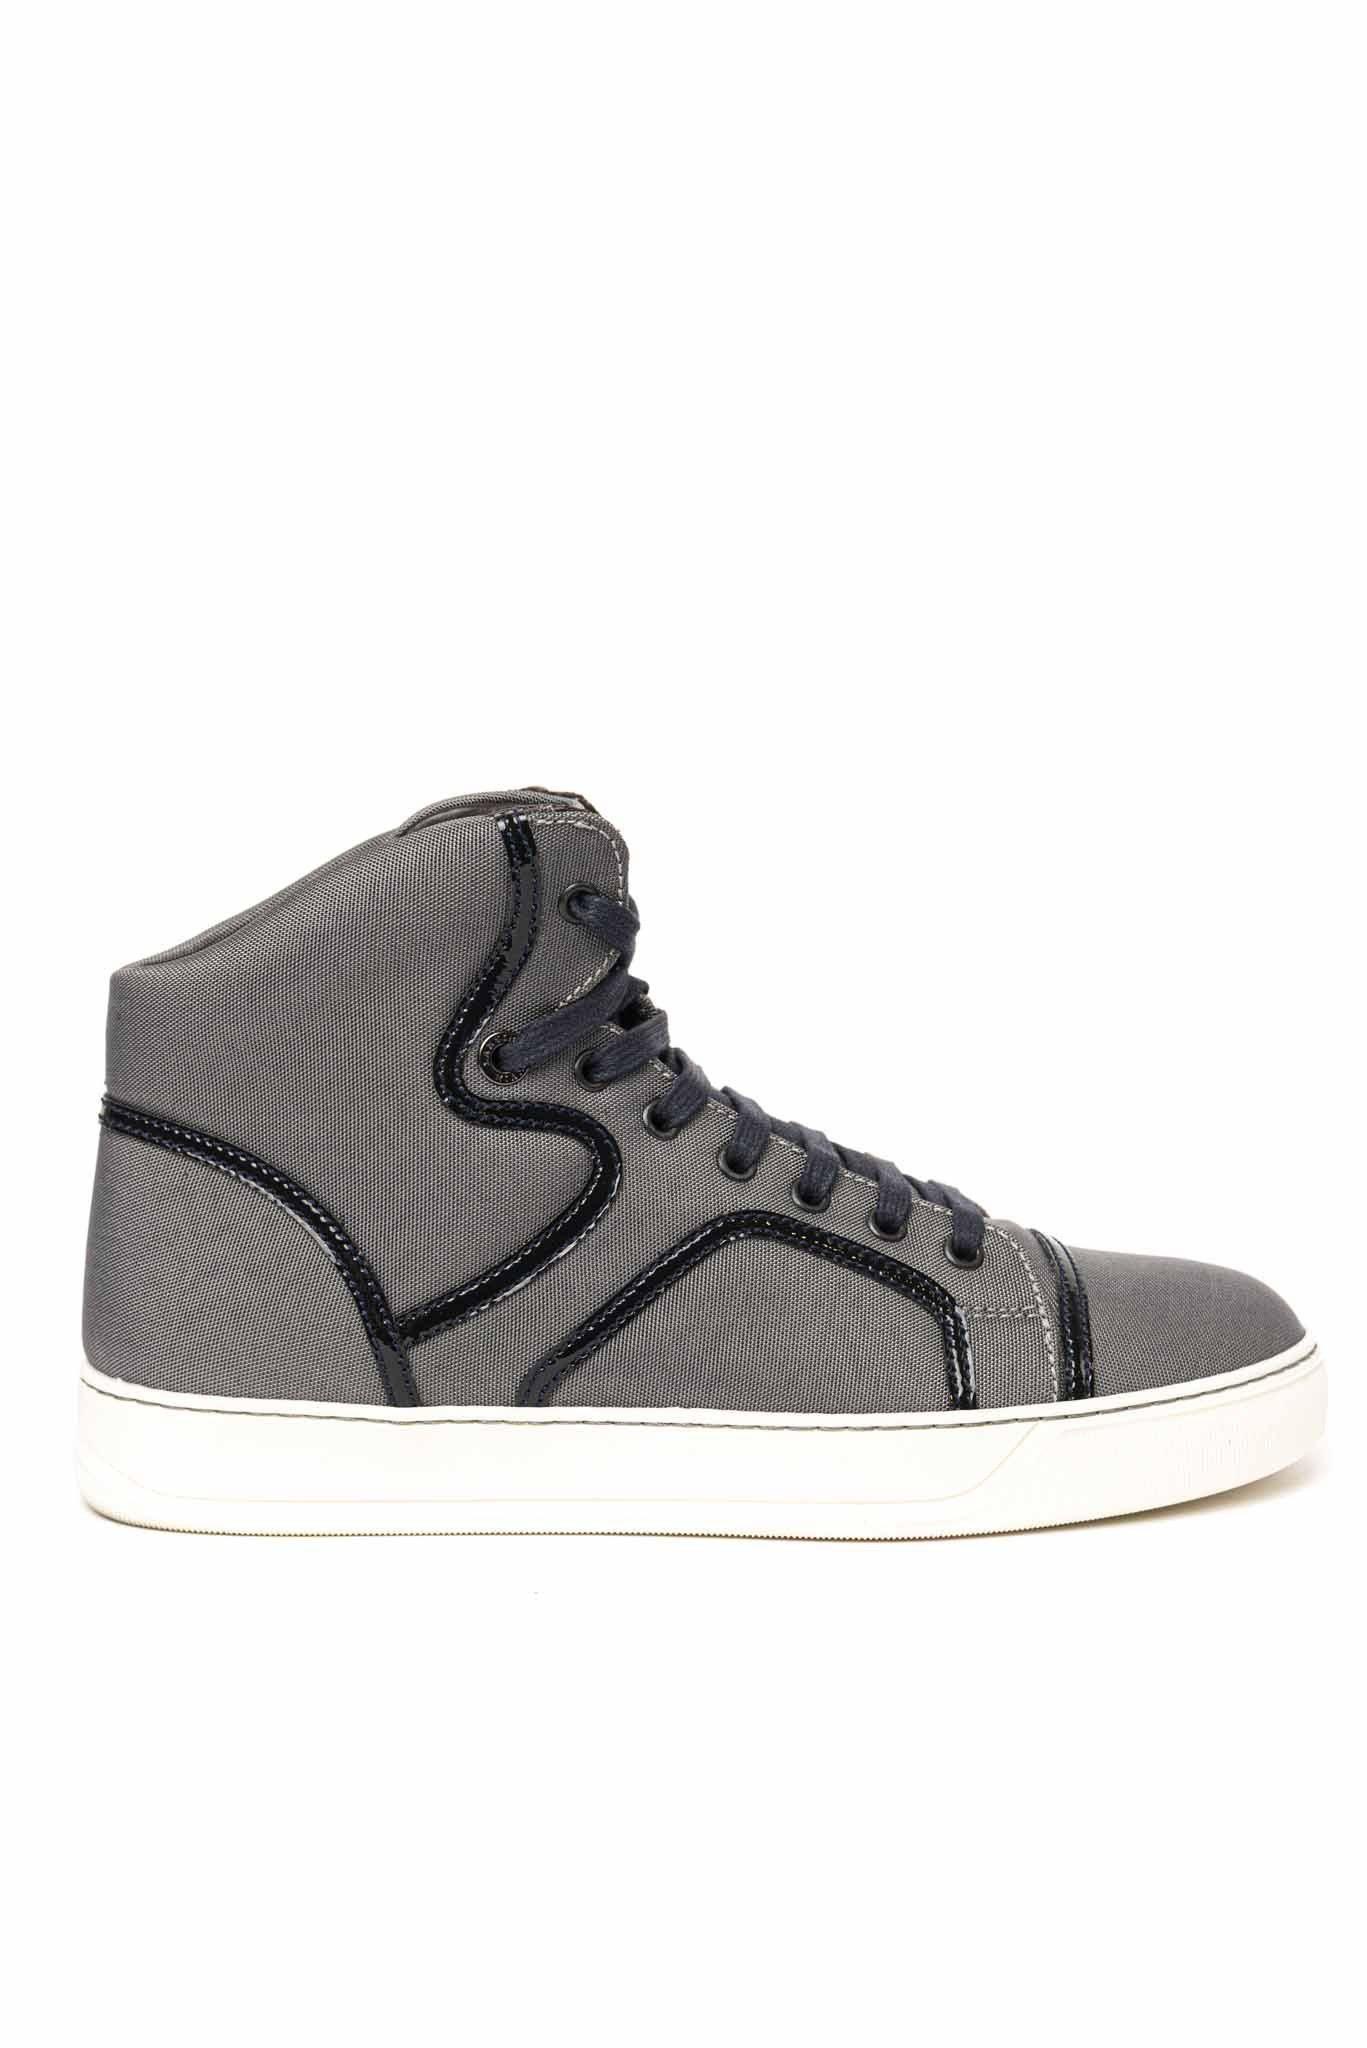 Lanvin Shoes   LePrix